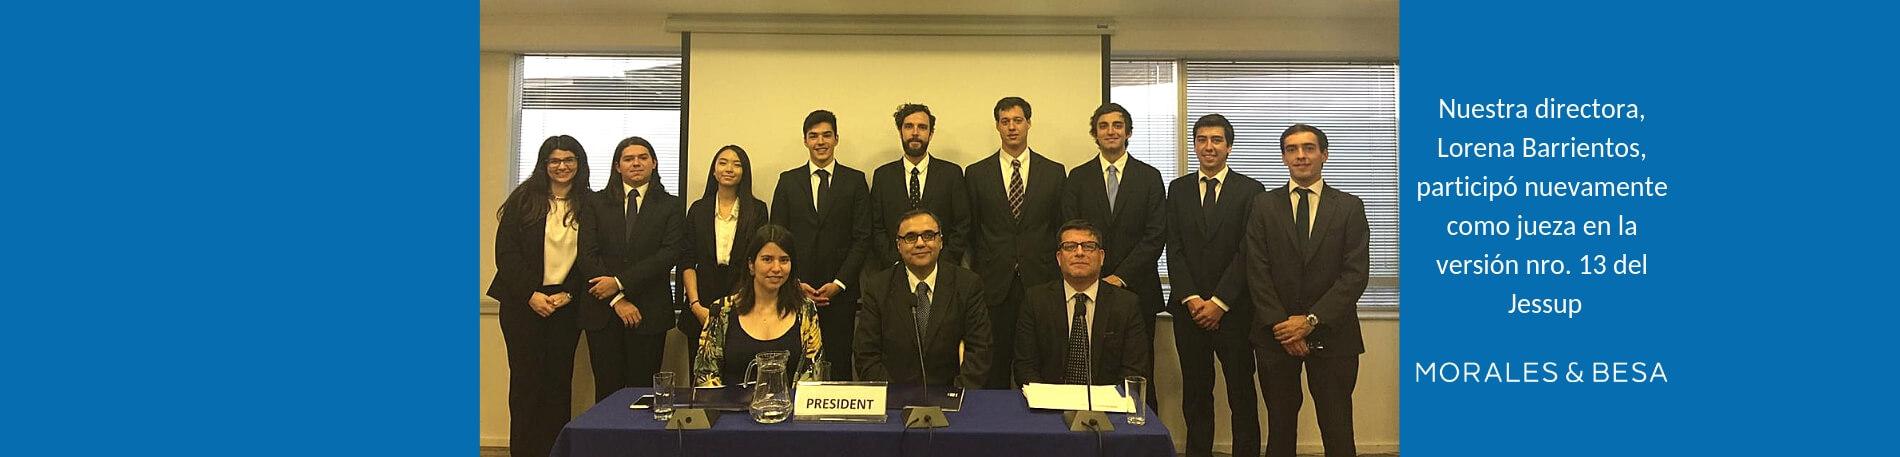 Lorena Barrientos participó como jueza en evento Jessup